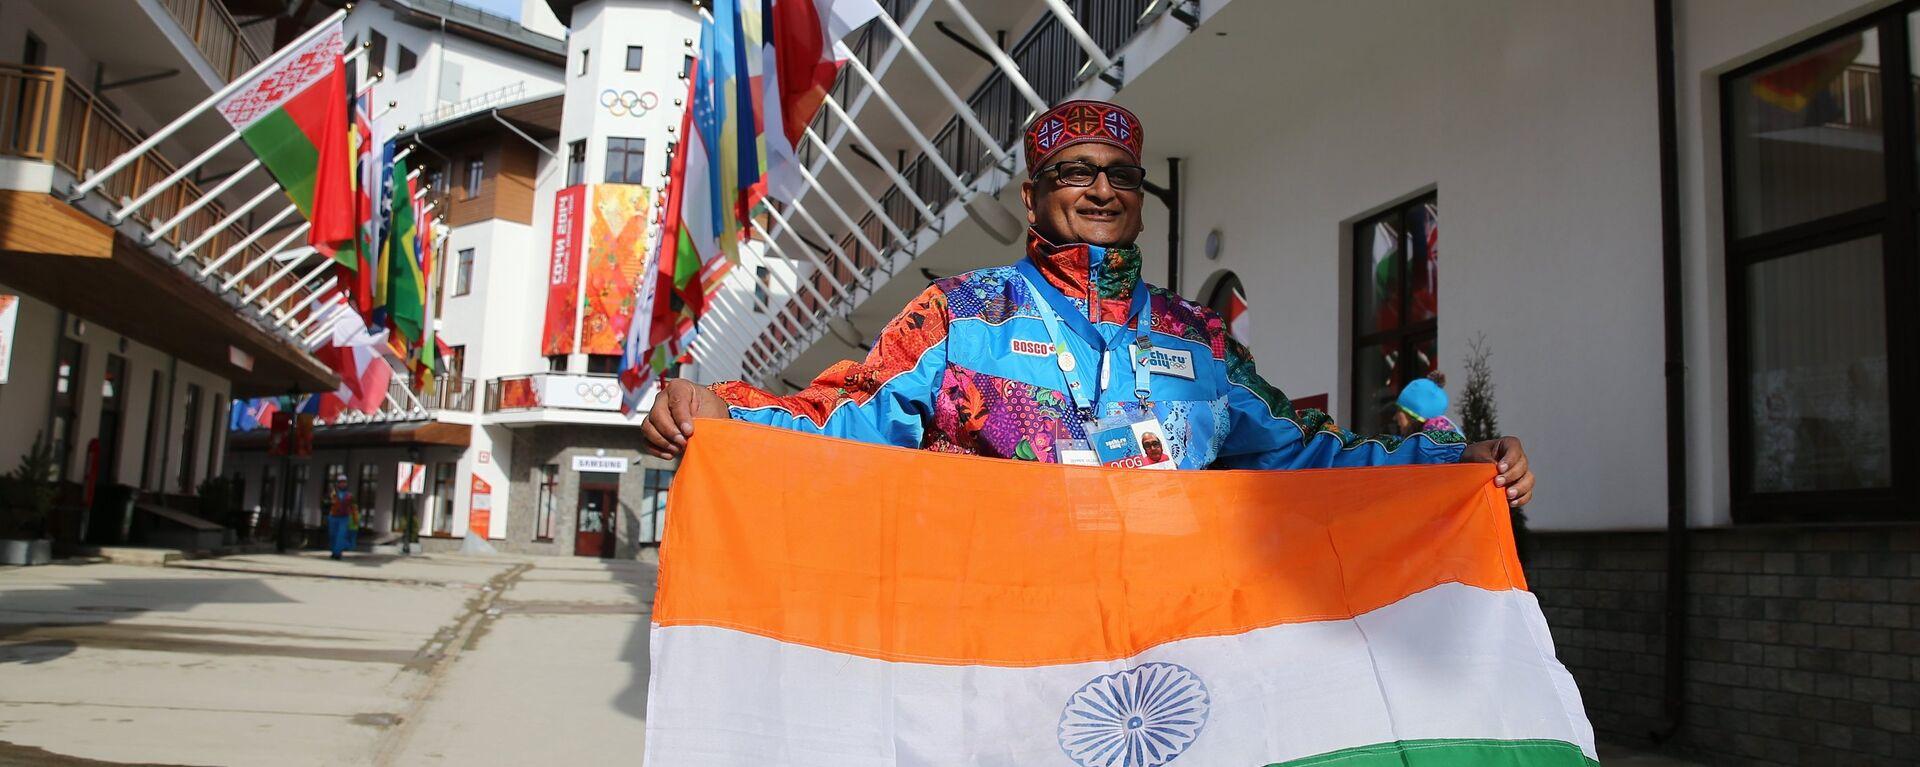 Поднятие флага Индии в Горной Олимпийской деревне - Sputnik Узбекистан, 1920, 03.03.2021